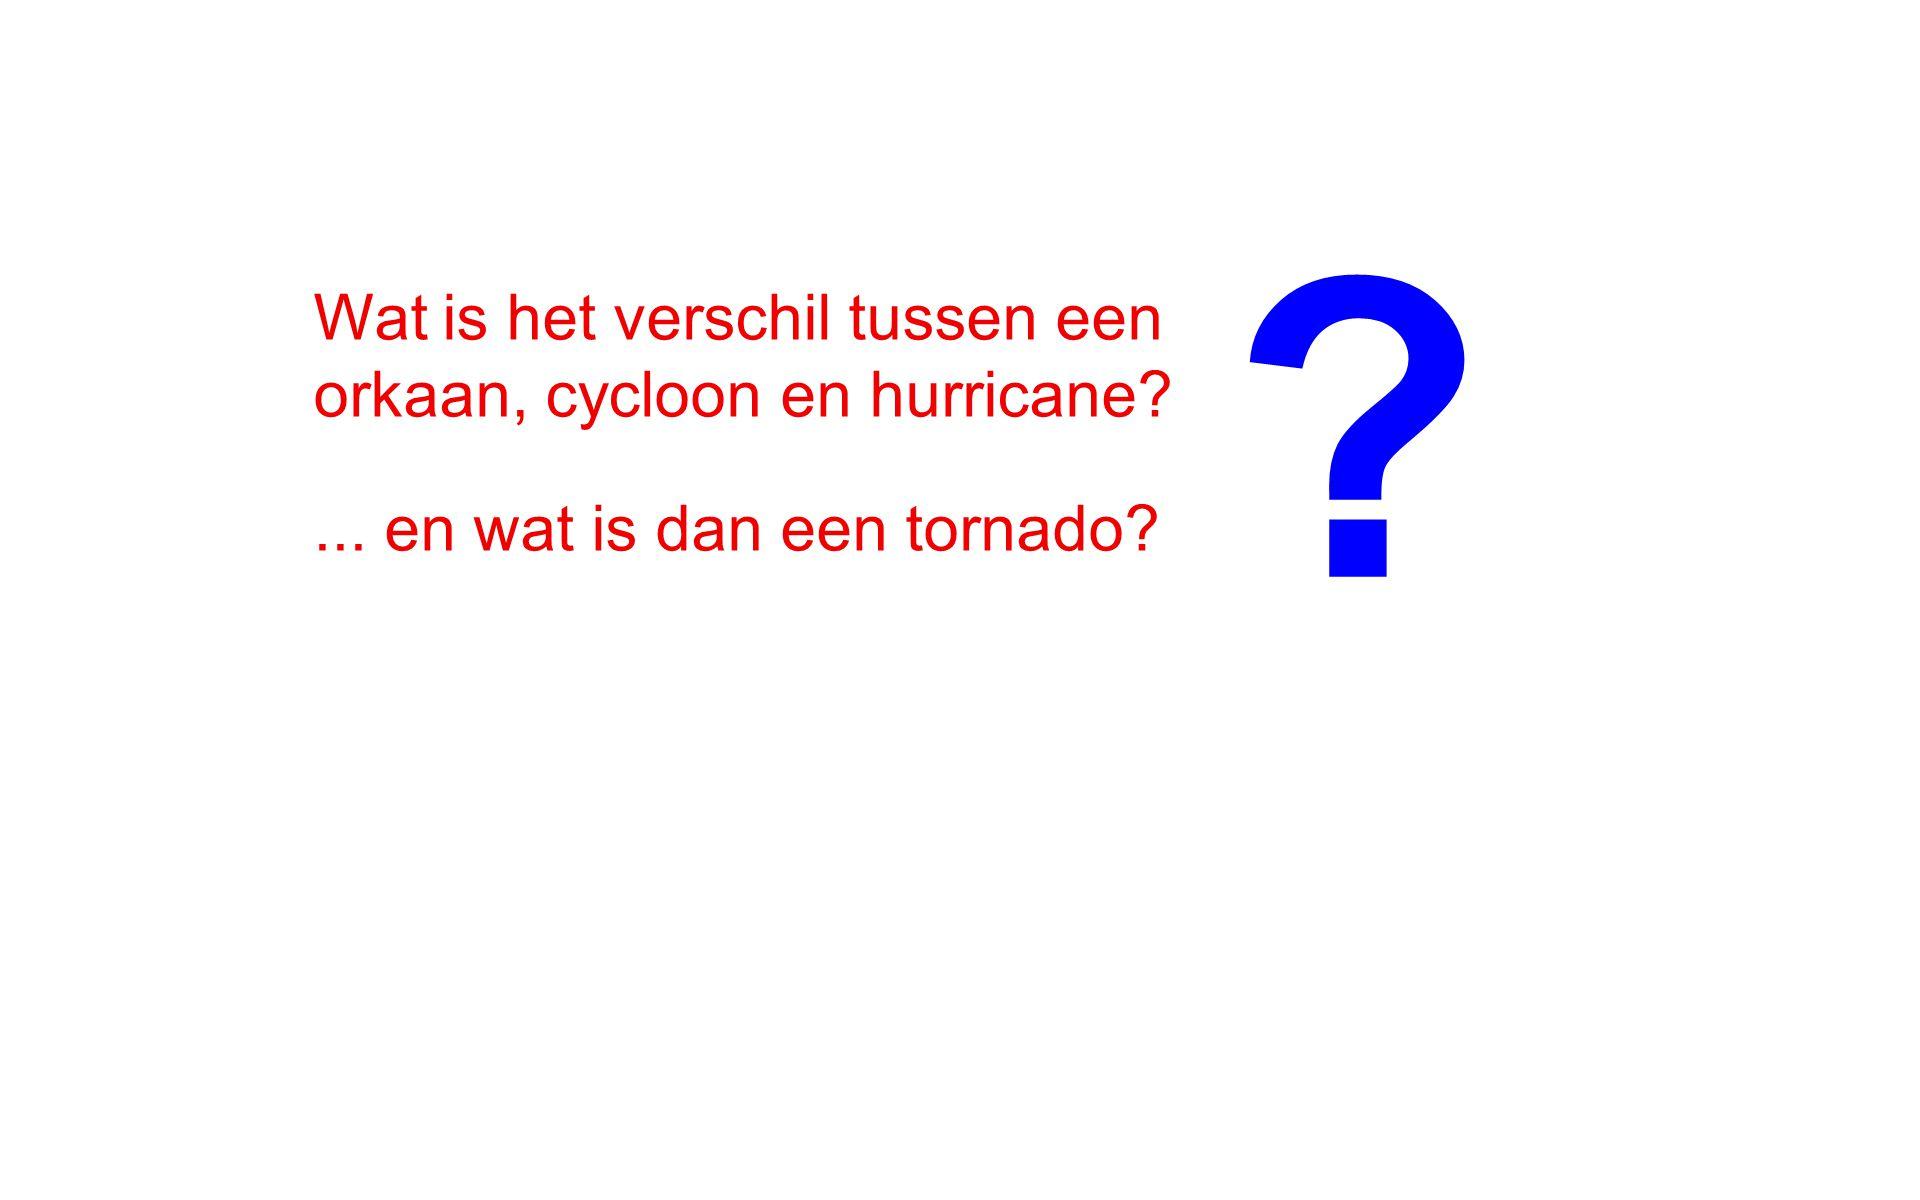 Wat is het verschil tussen een orkaan, cycloon en hurricane